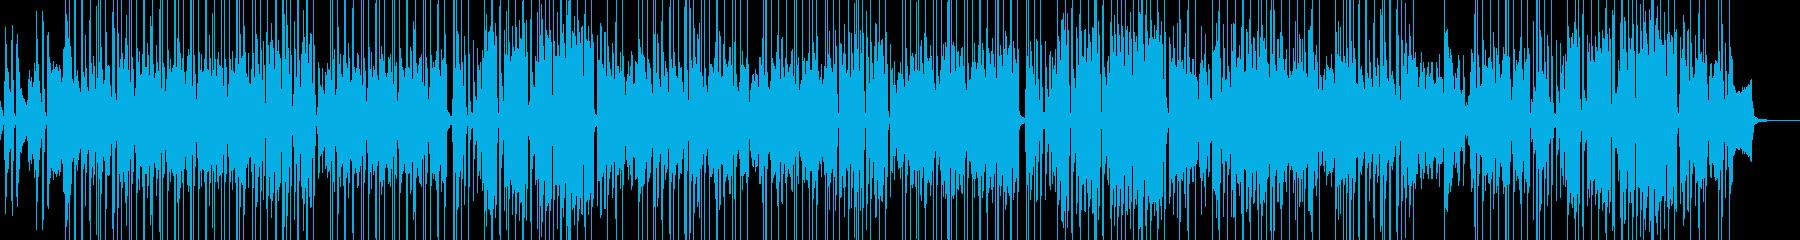 ブラス・バーのムードに合うスロージャズの再生済みの波形